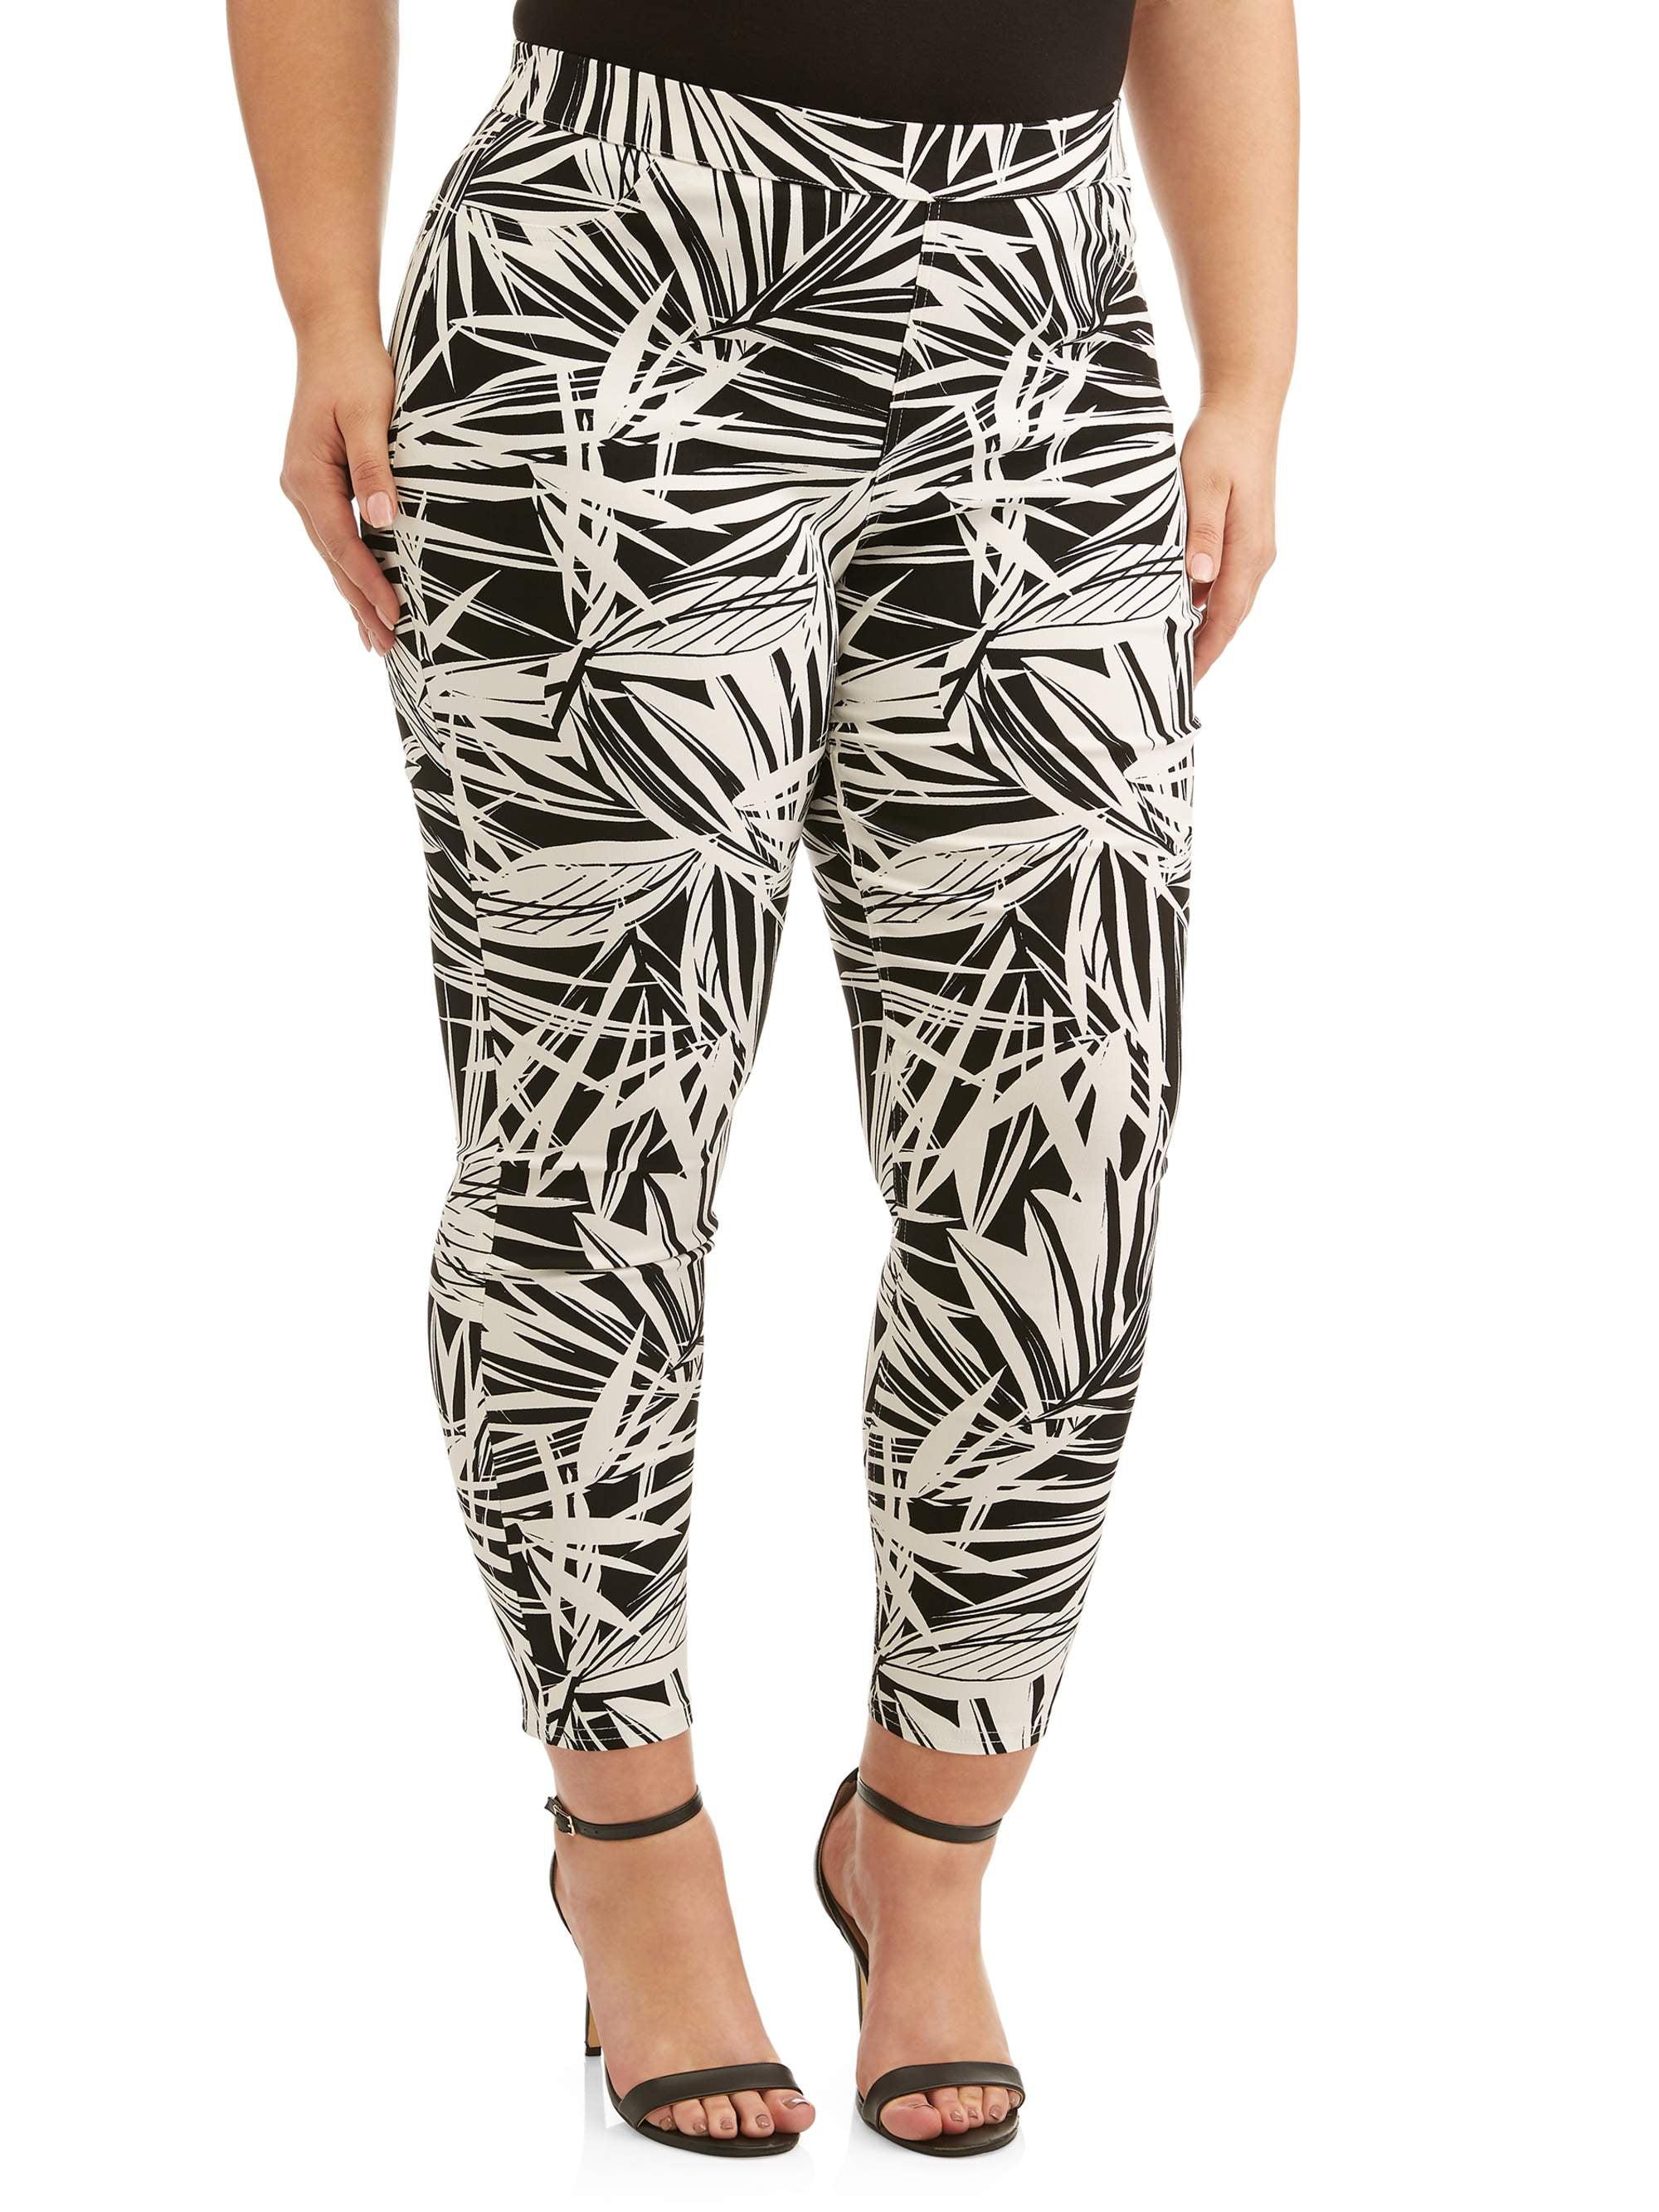 Women's Plus Size Black White Palm Print Pant